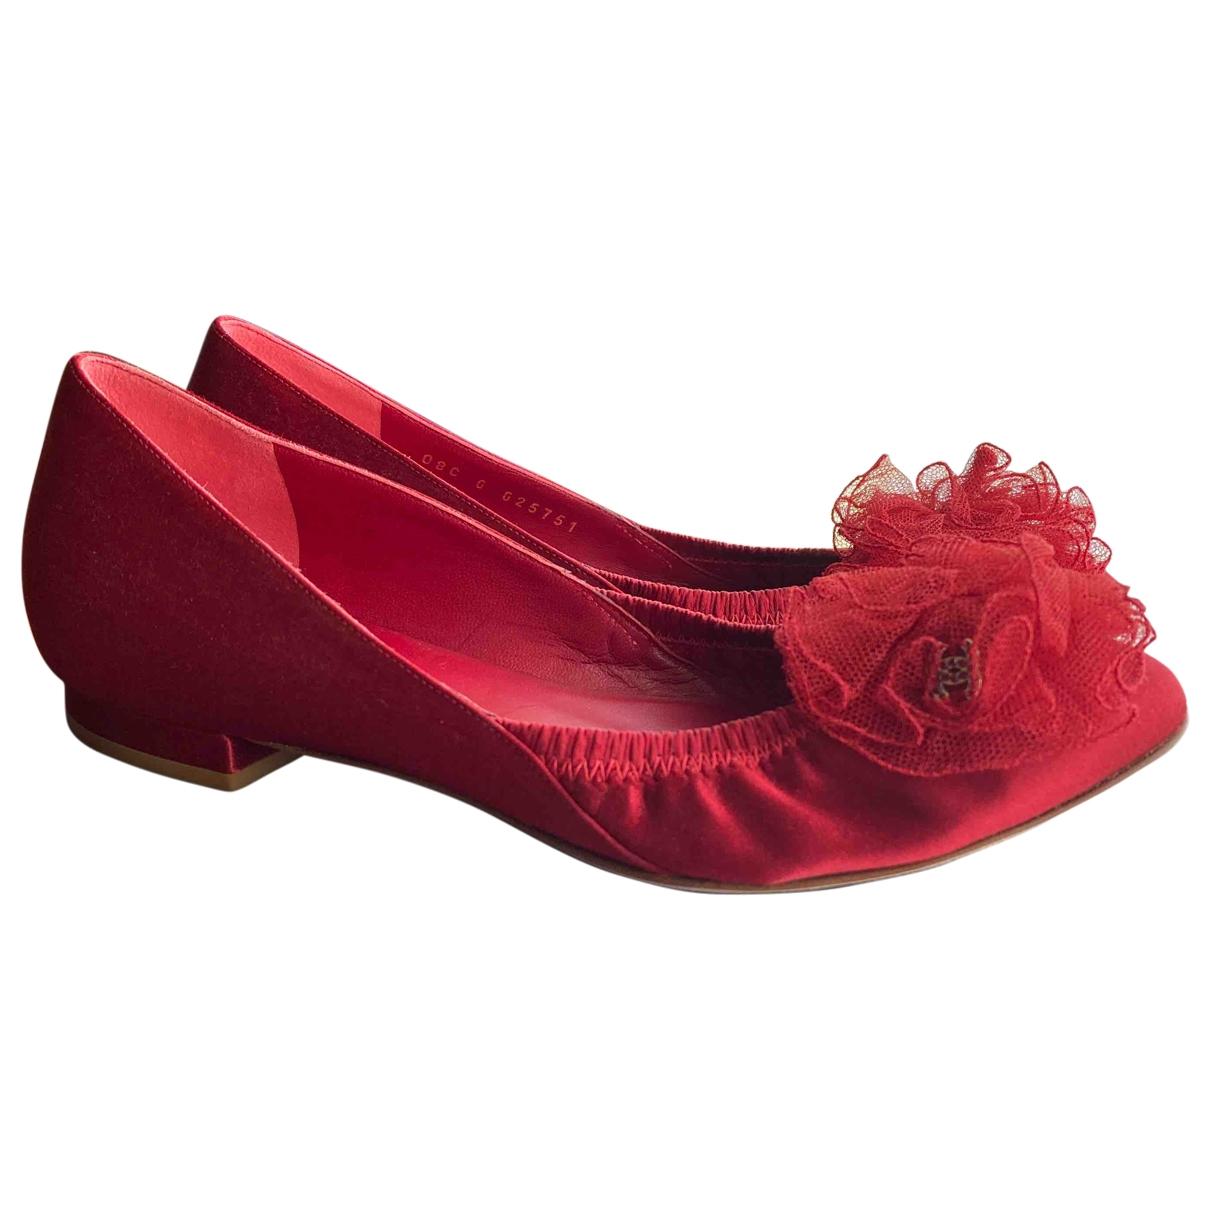 Chanel - Ballerines   pour femme en toile - rouge